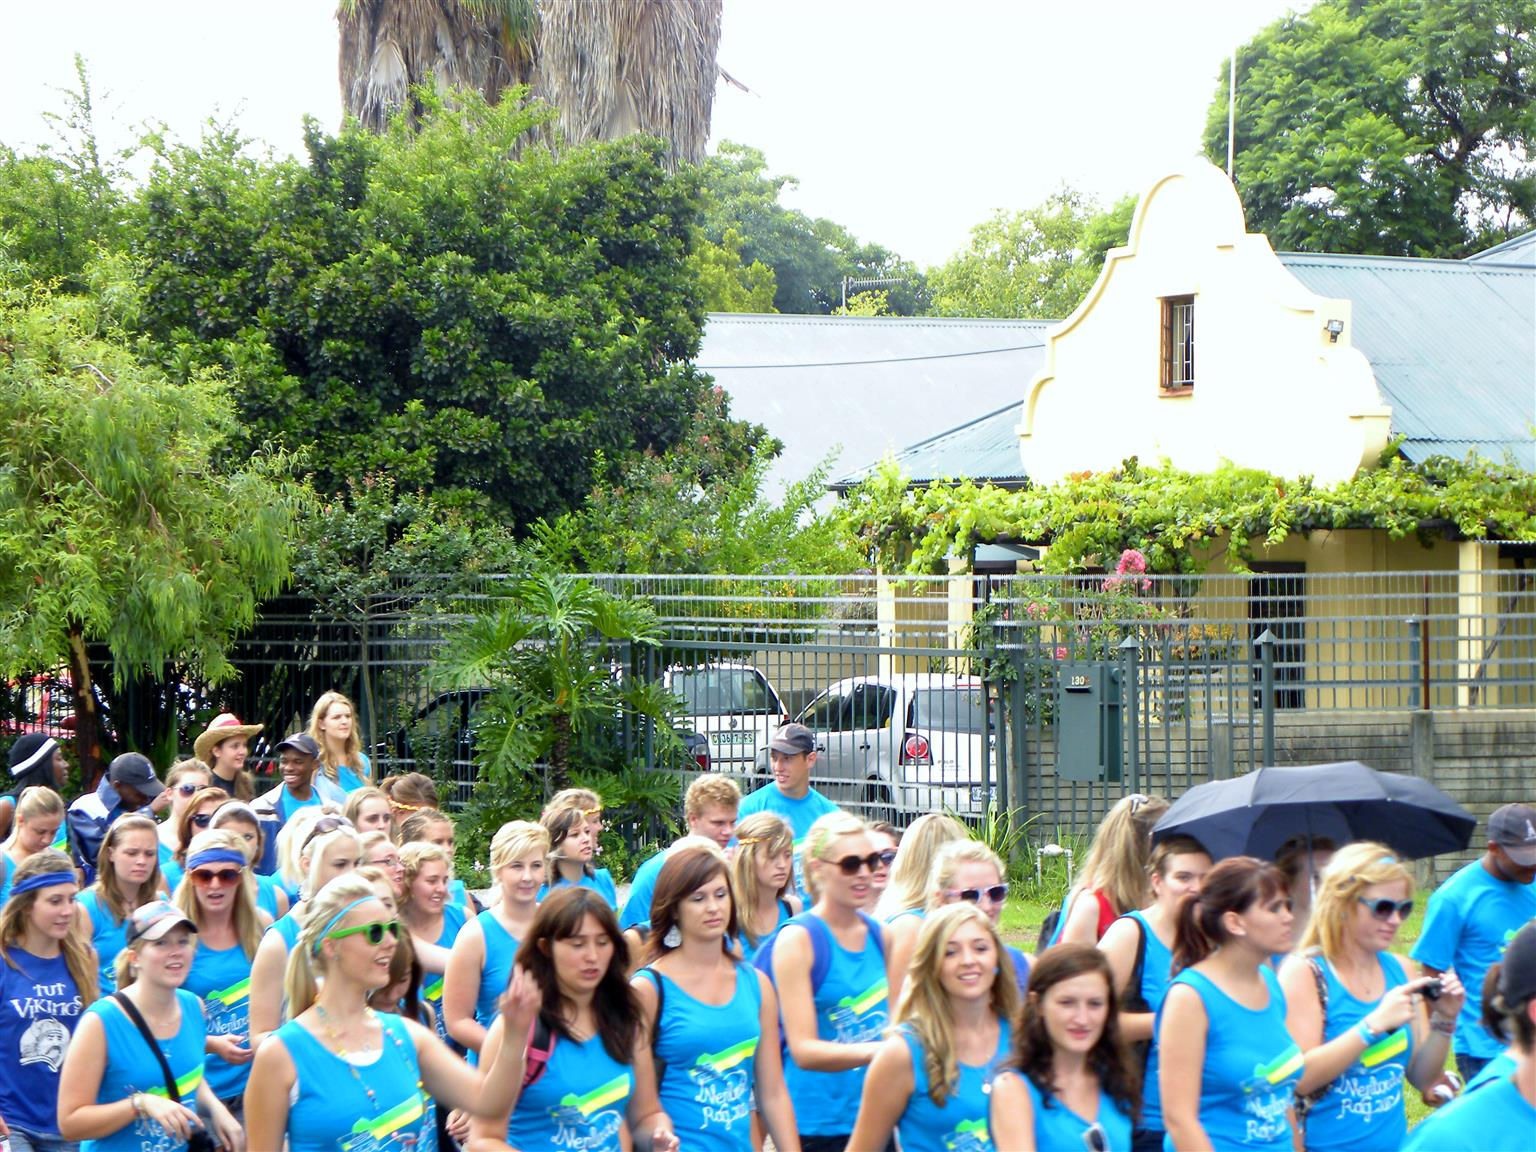 Huis te koop in Hatfield naby Universiteit Pretoria.